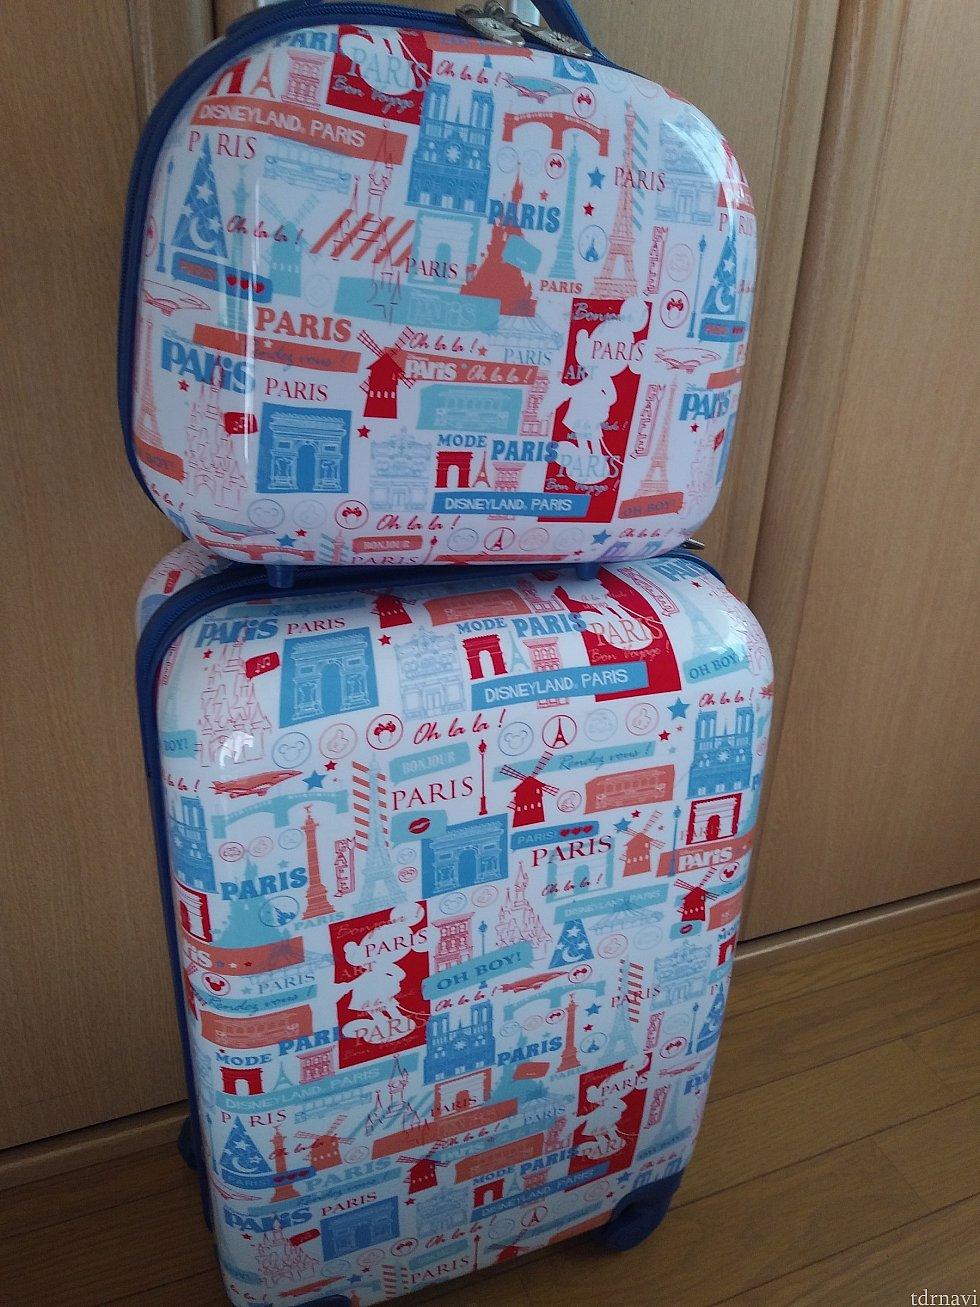 ディズニーランドパリ限定スーツケース。パリの名所とミッキーシルエット、ディズニーランドパリなどの文字が散りばめられている。